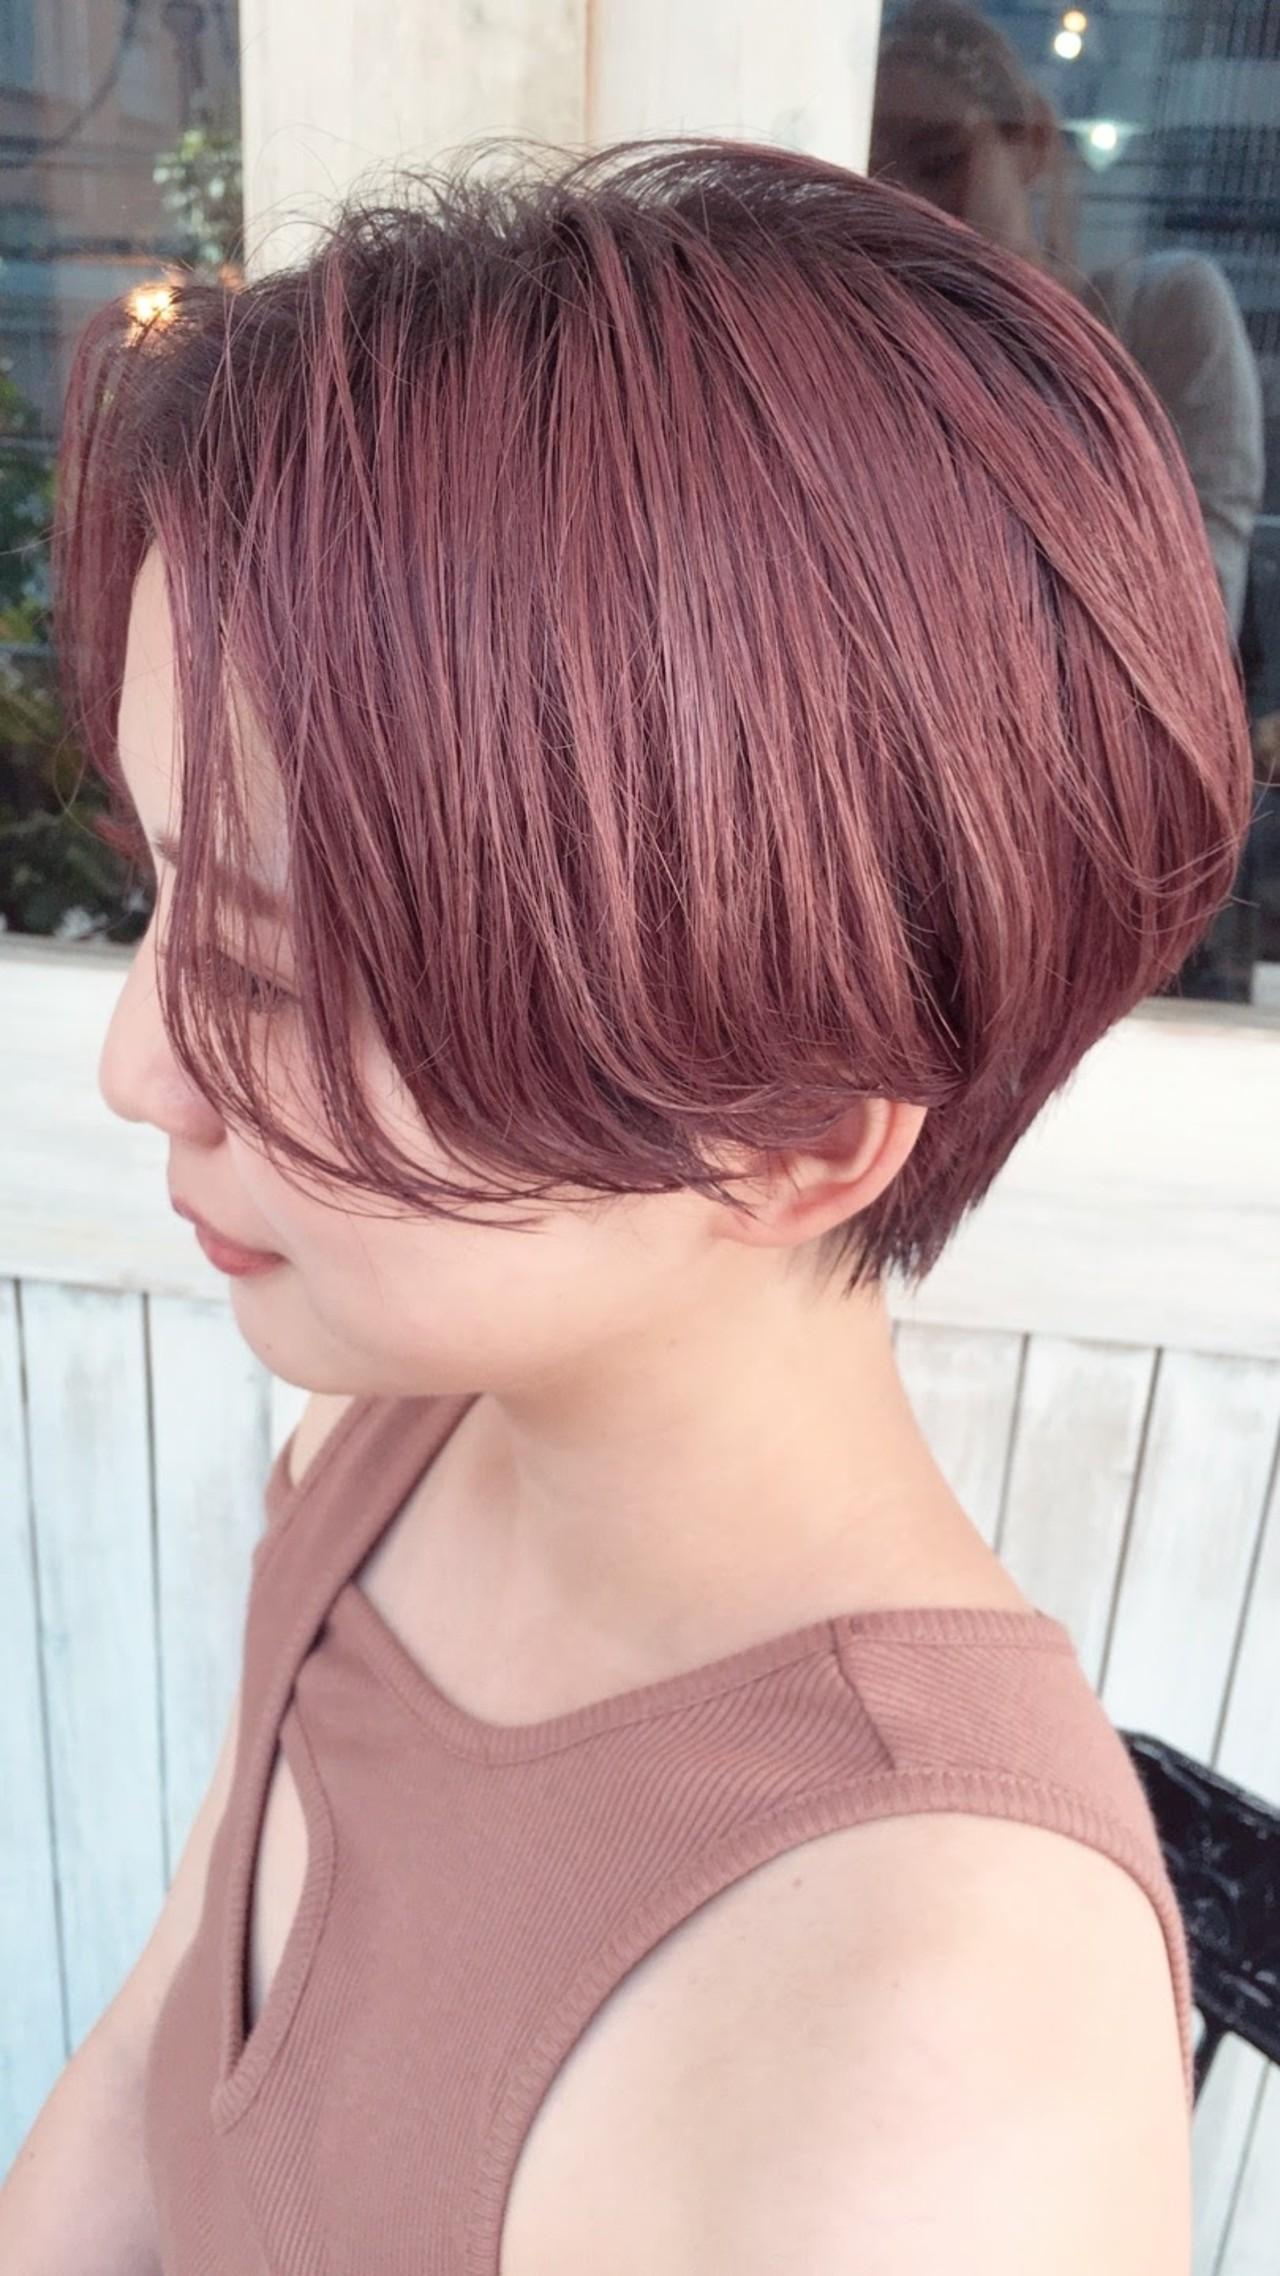 ショート ダブルカラー フェミニン 暖色 ヘアスタイルや髪型の写真・画像